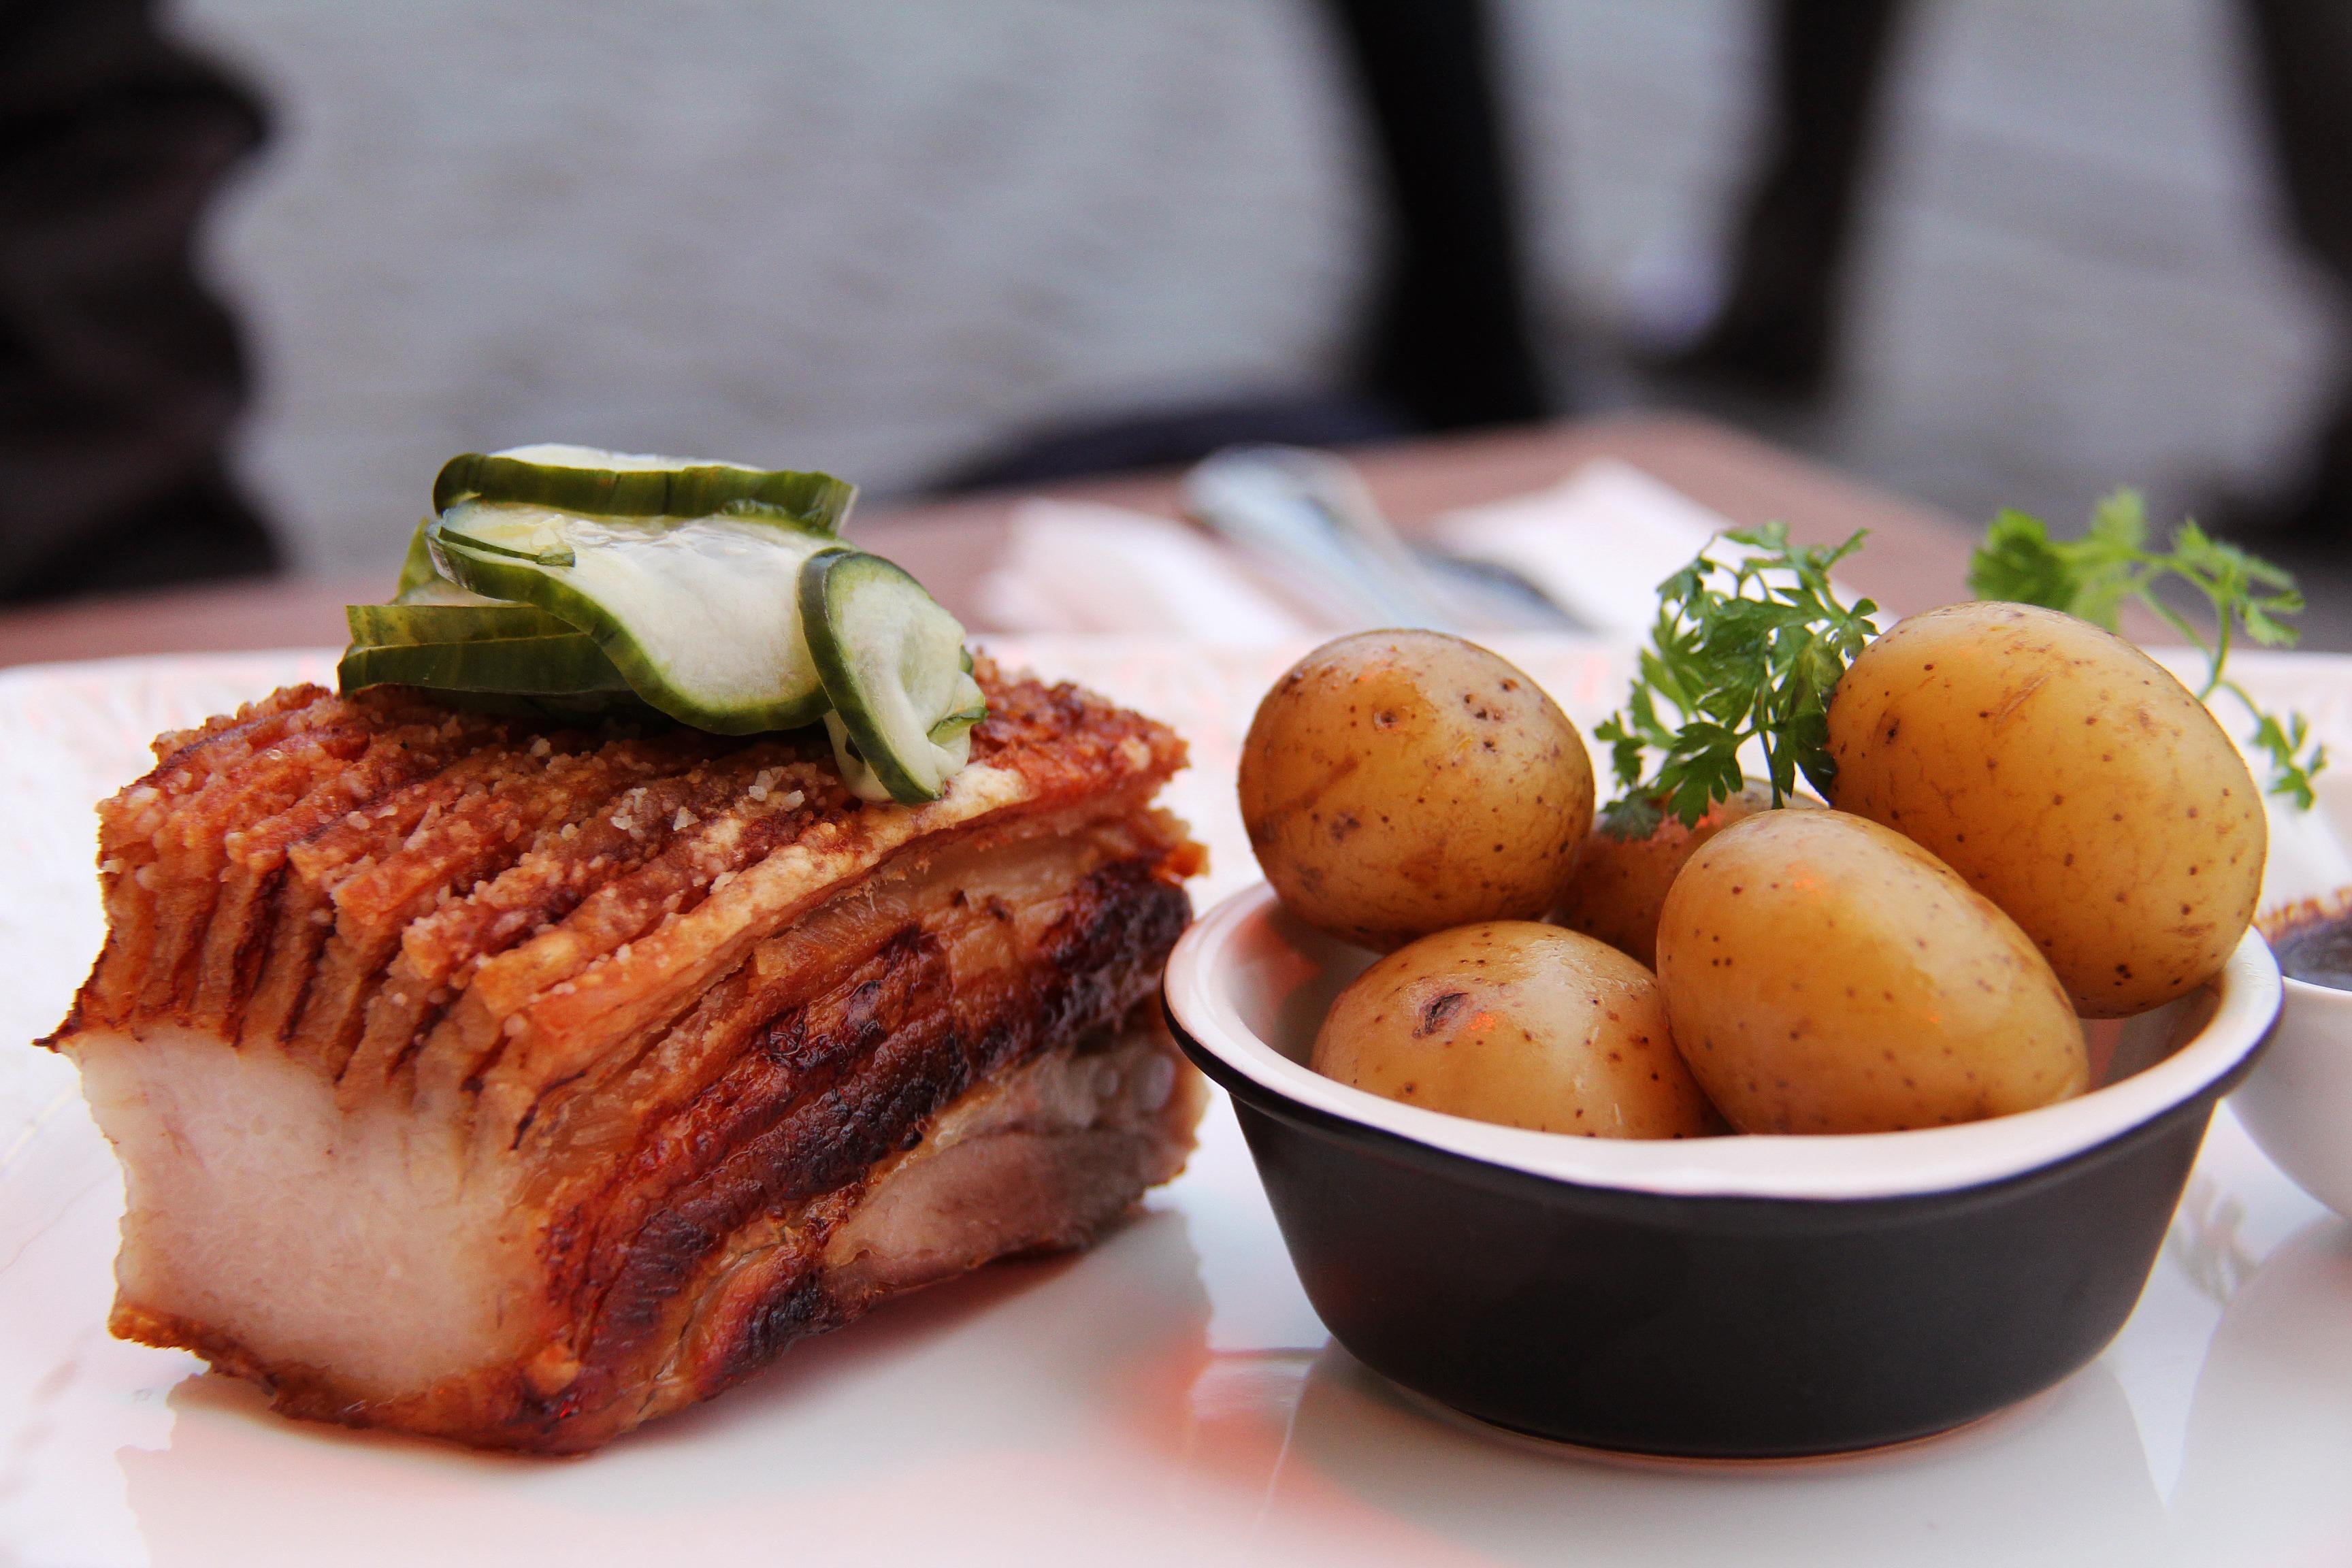 Top Gratis billeder : fad, måltid, mad, fremstille, grøntsag, kød PJ19